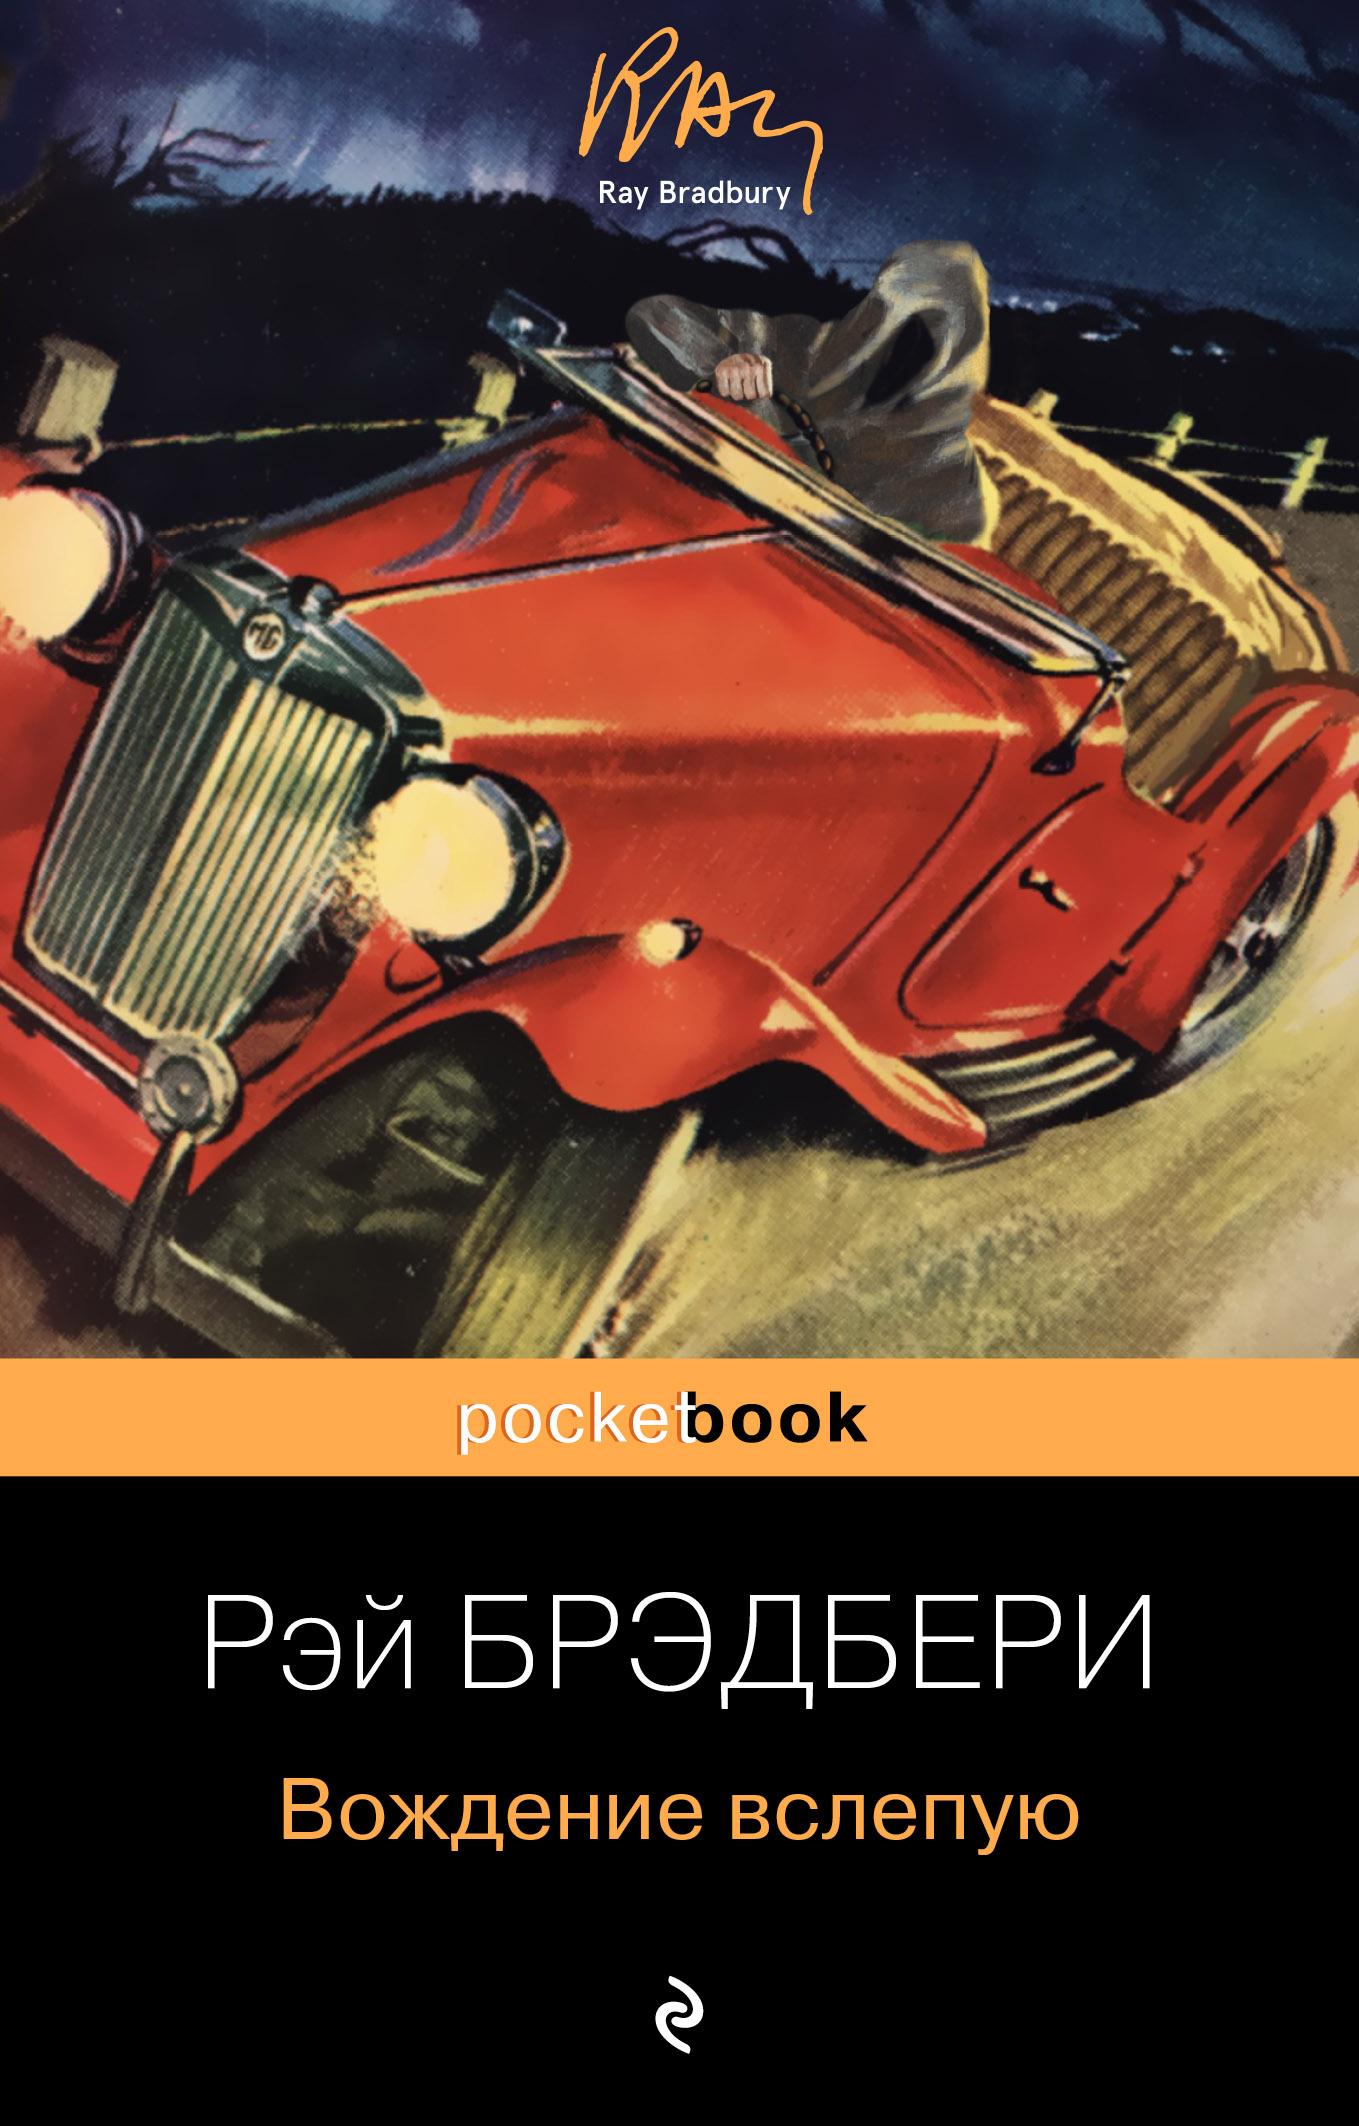 Рэй Брэдбери - Вождение вслепую (сборник)